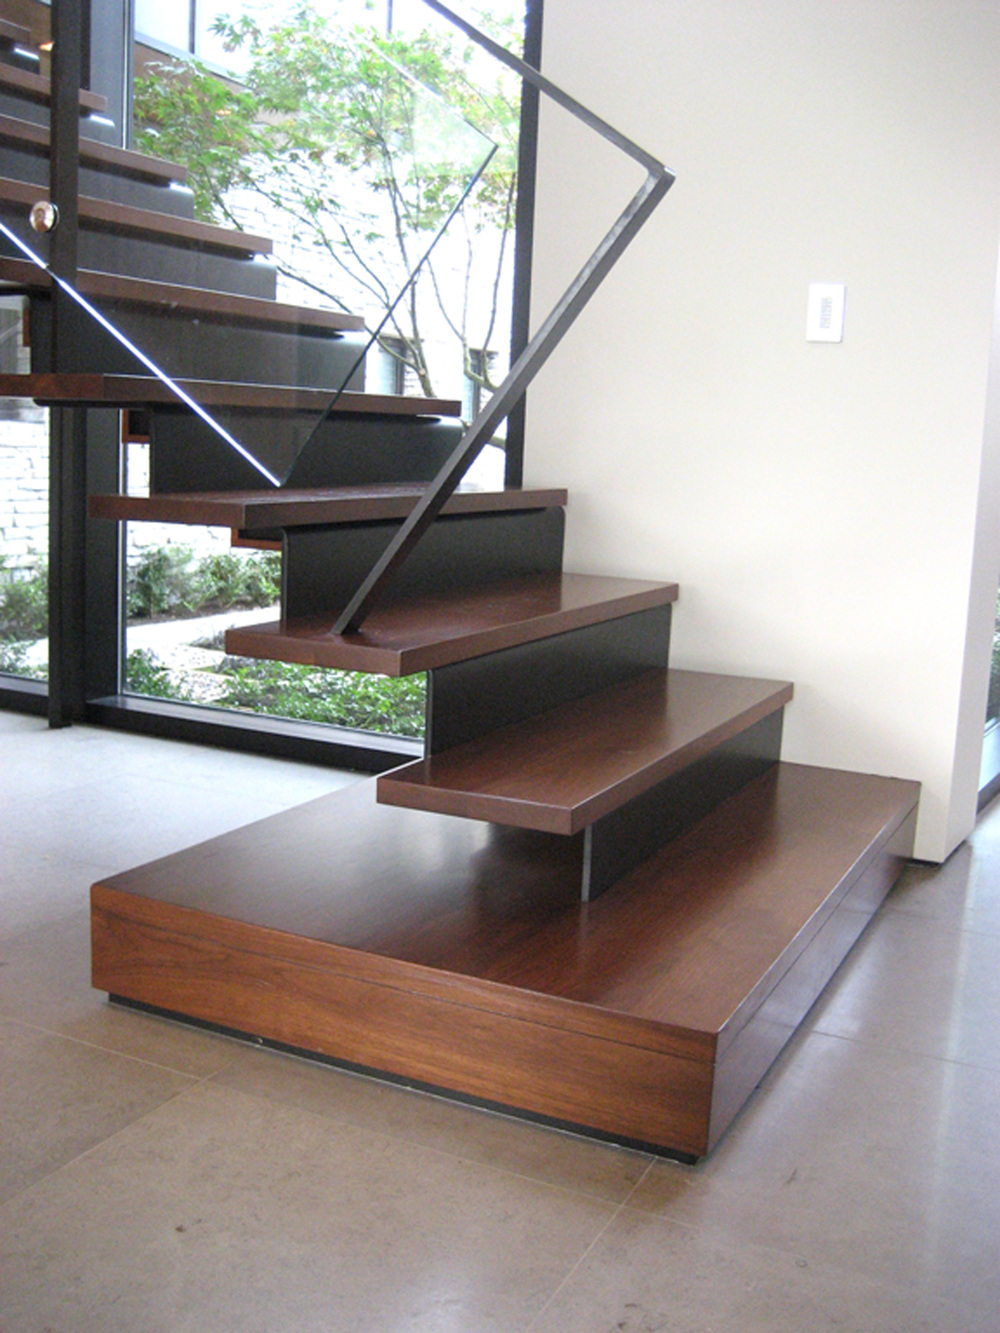 15 - Stair Detail.jpg